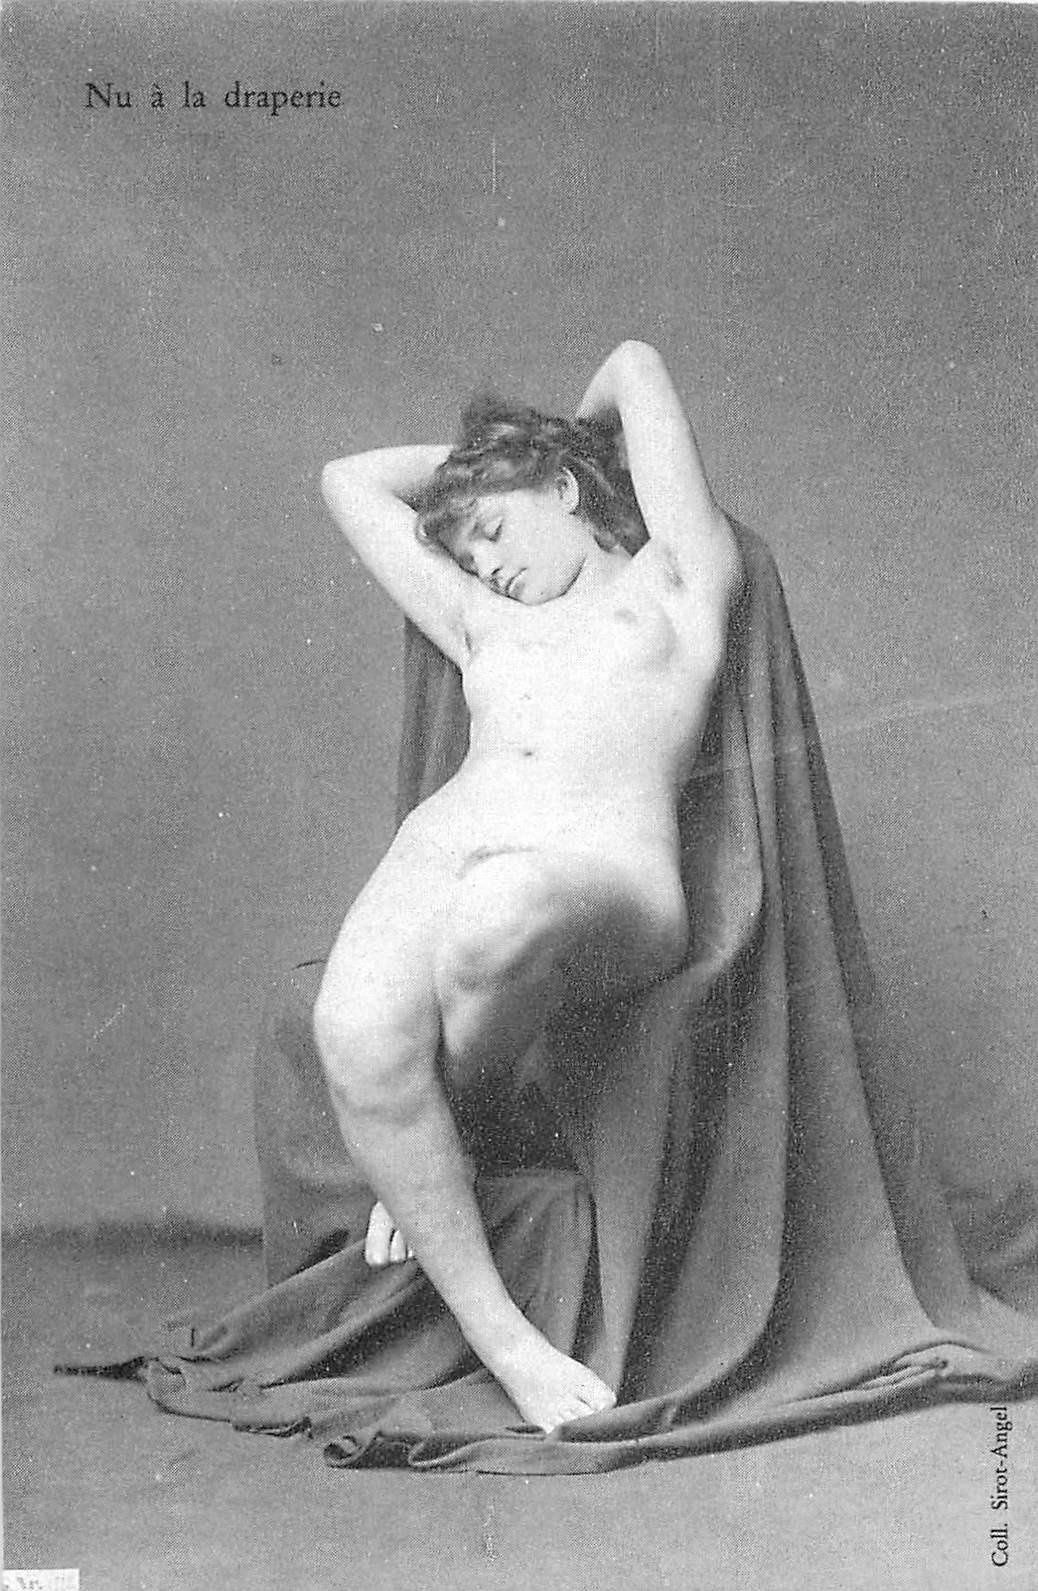 NUS. Erotisme sexy Femme nue assise à la draperie